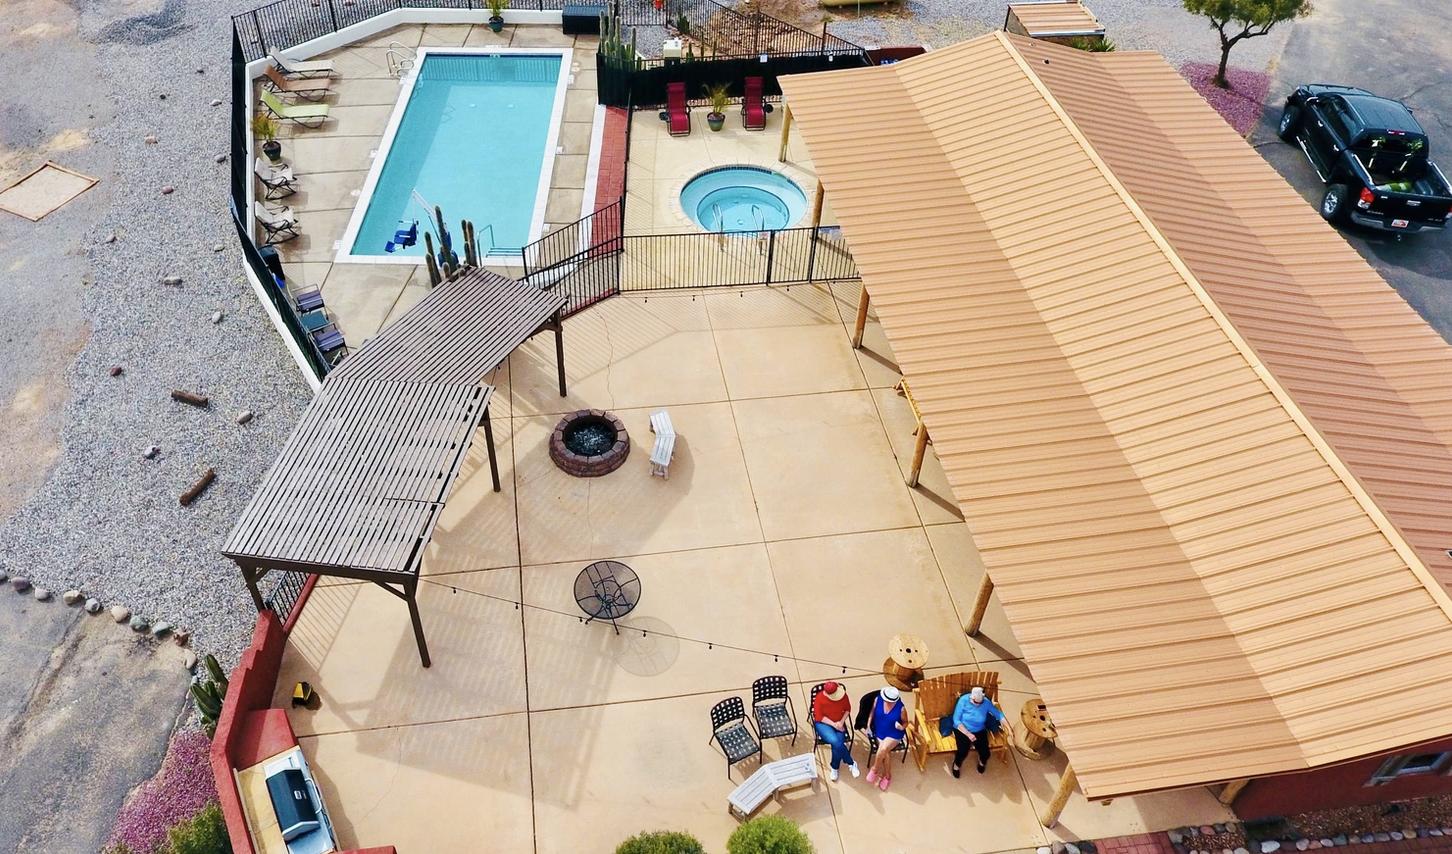 Desert Springs-pool and pavillion